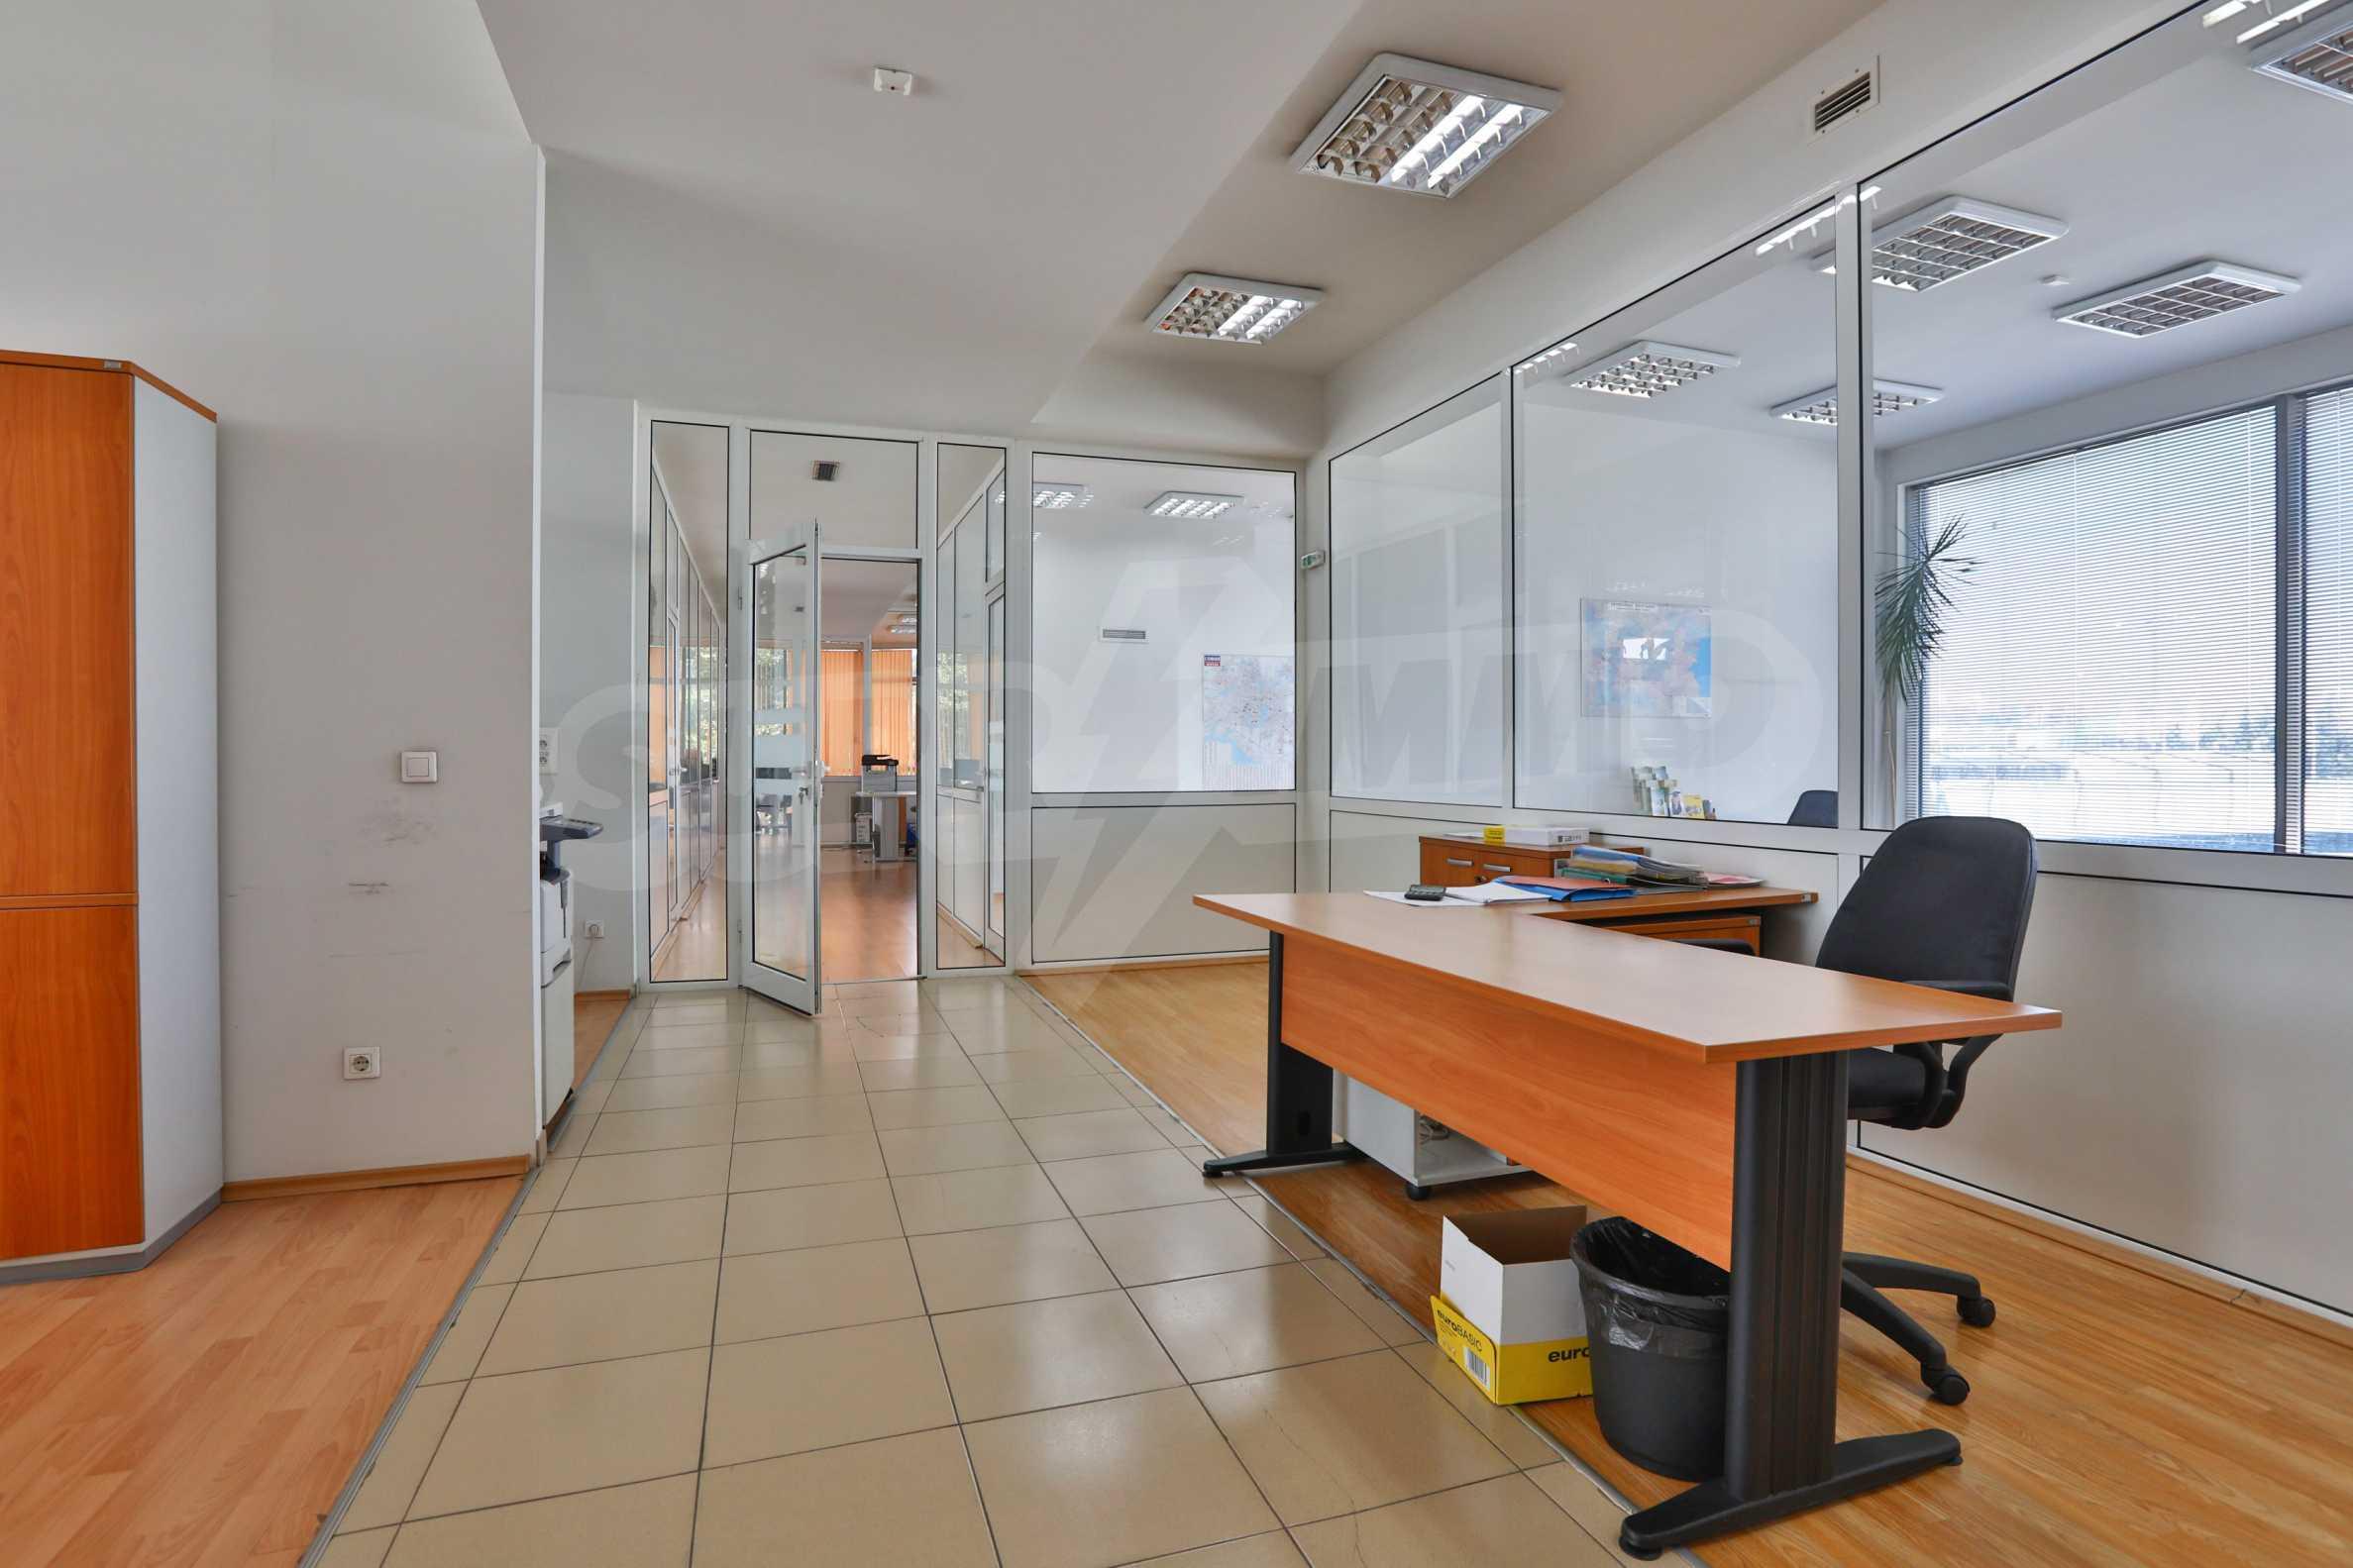 Площи тип open space в офис зоната на бул. Цариградско шосе 33